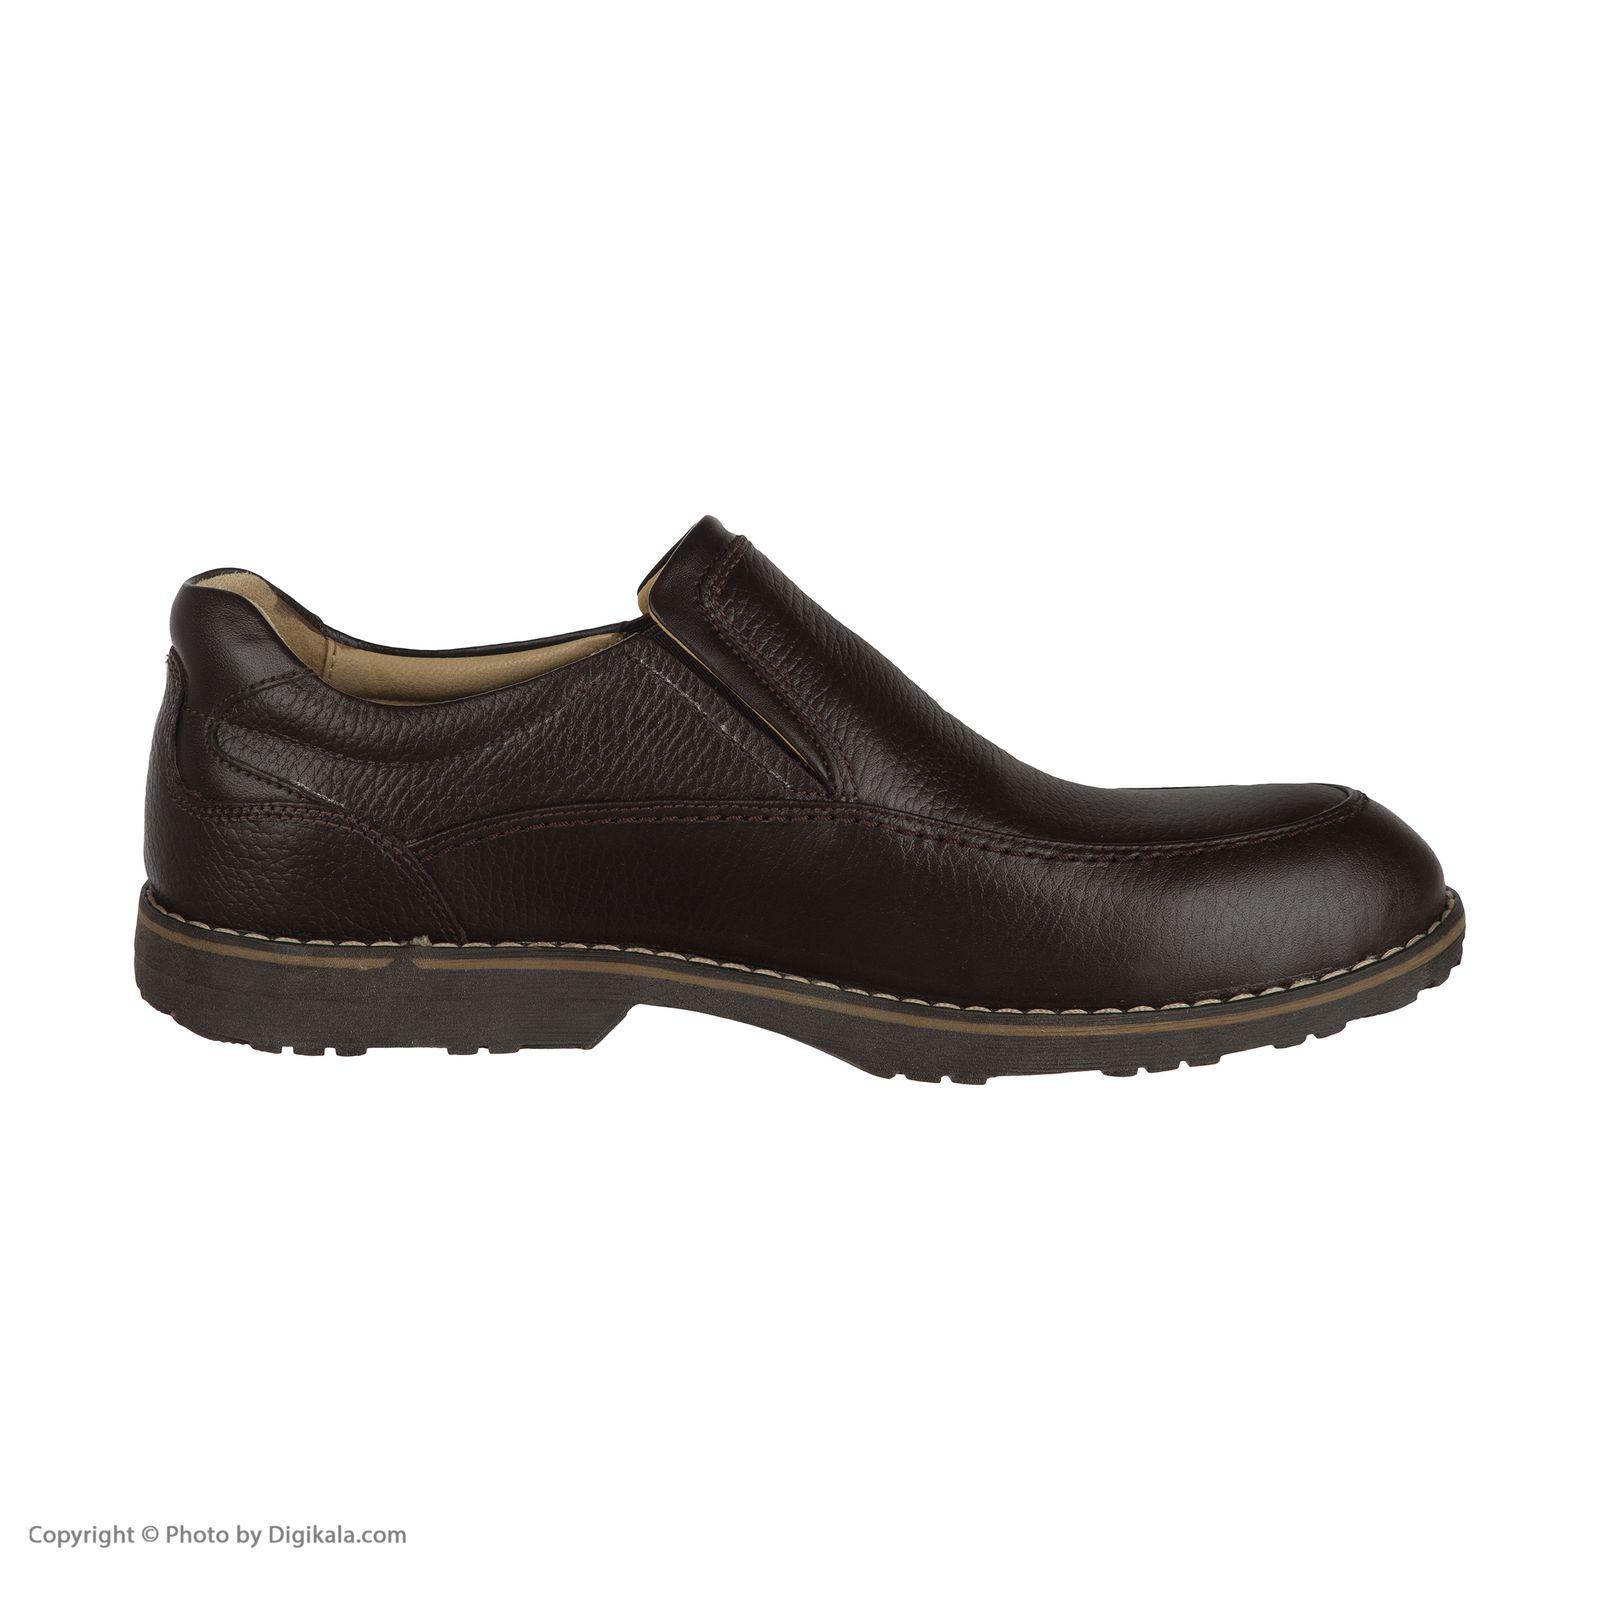 کفش روزمره مردانه سوته مدل 4824G503104 -  - 7